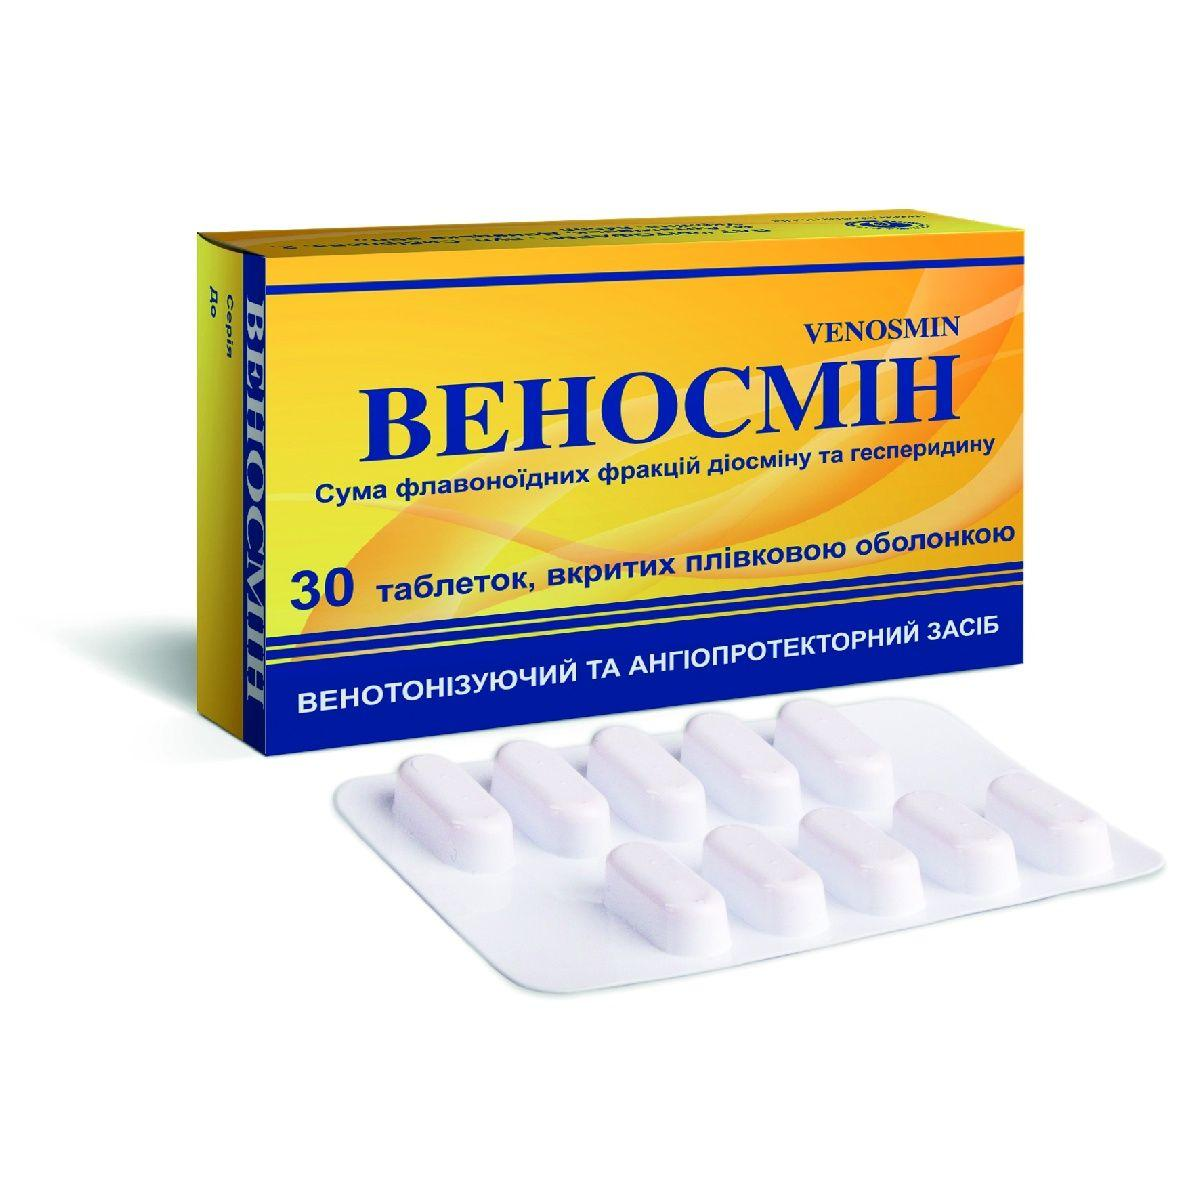 Веносмин №30 таблетки_60061457a6c90.jpeg